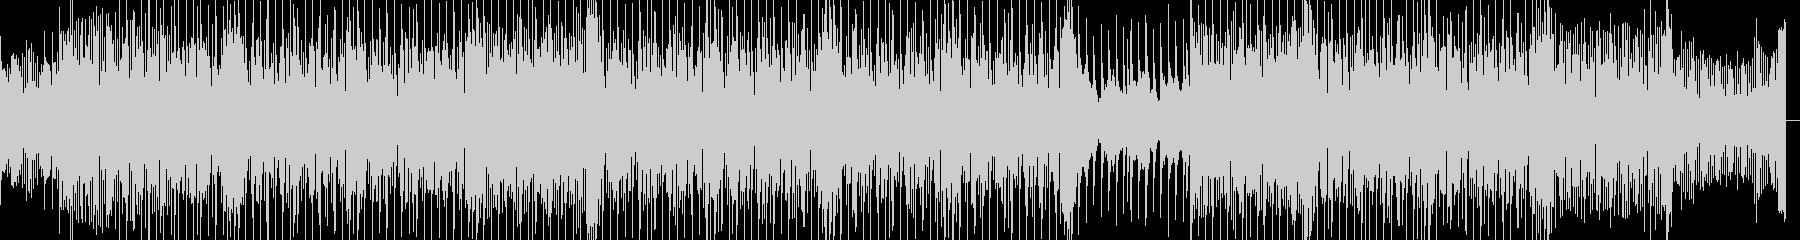 切ないピアノと怪しげなバッキングのBGMの未再生の波形